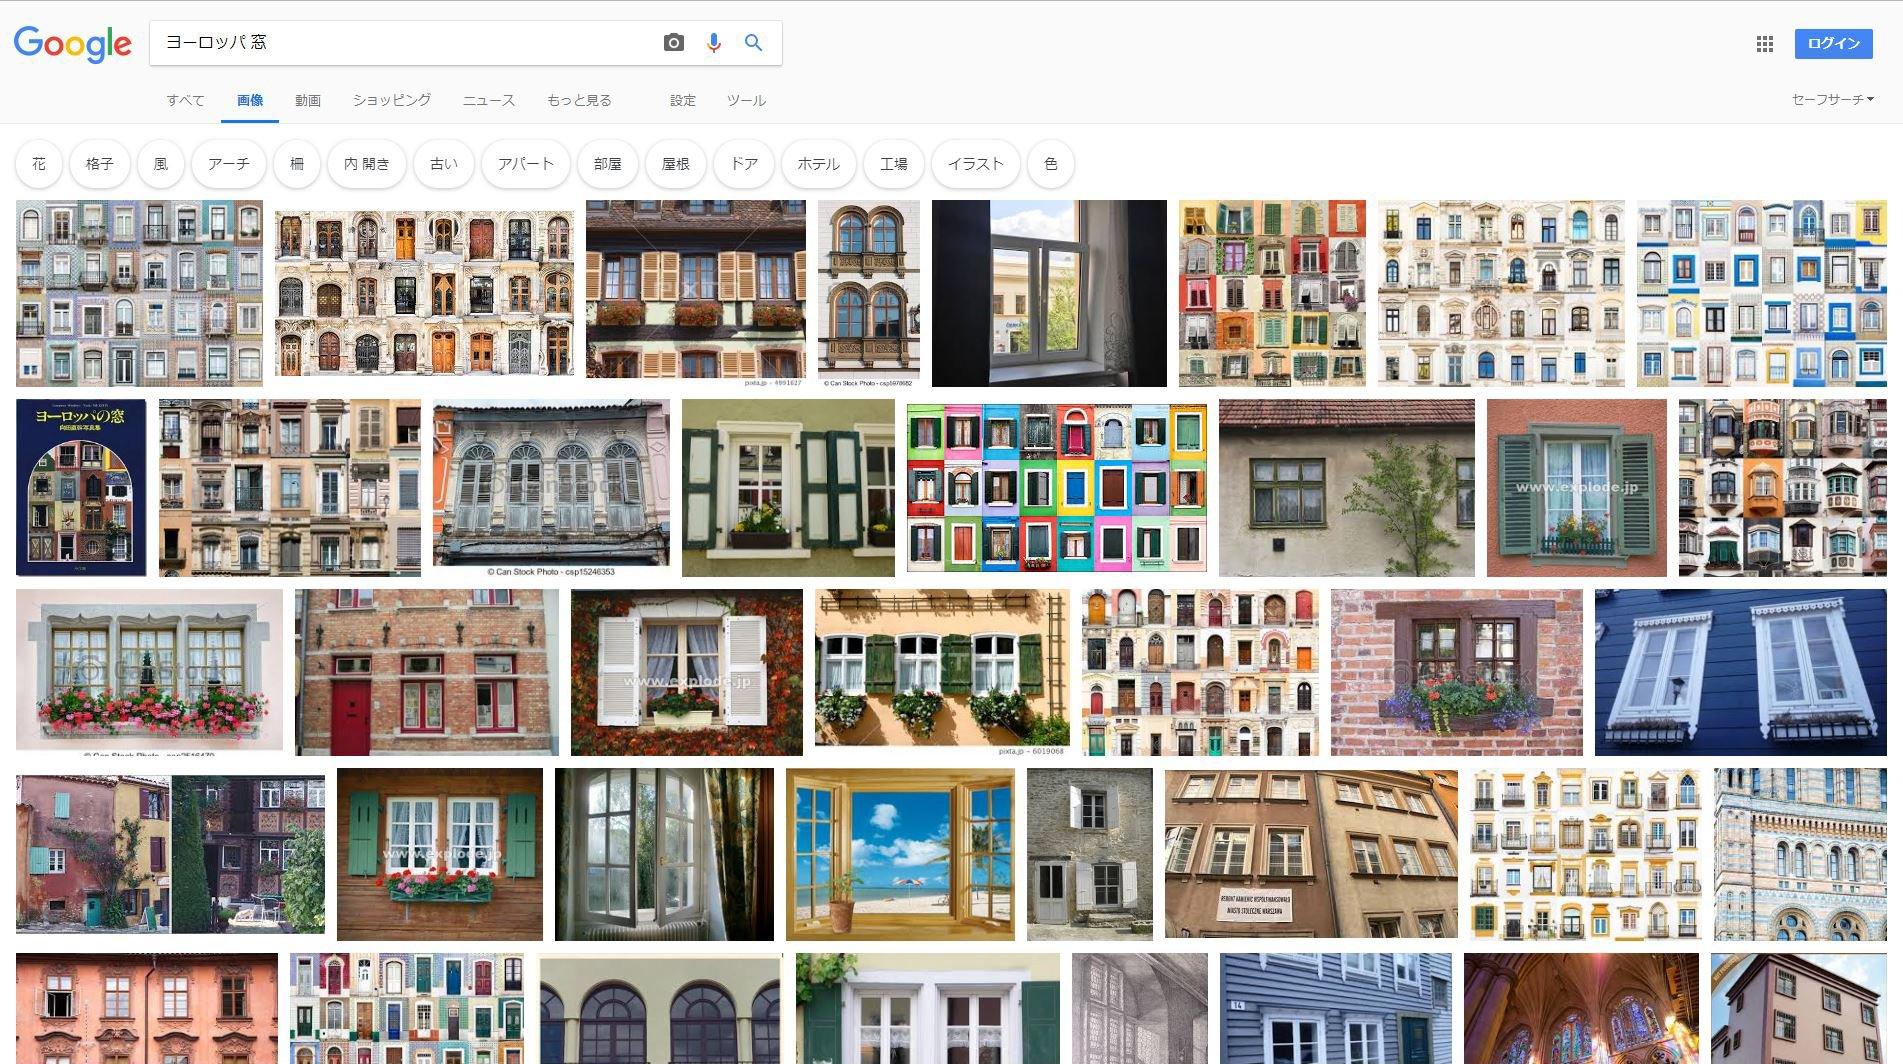 これは美しい・・・文化の違いに見る「窓」の捉え方!!